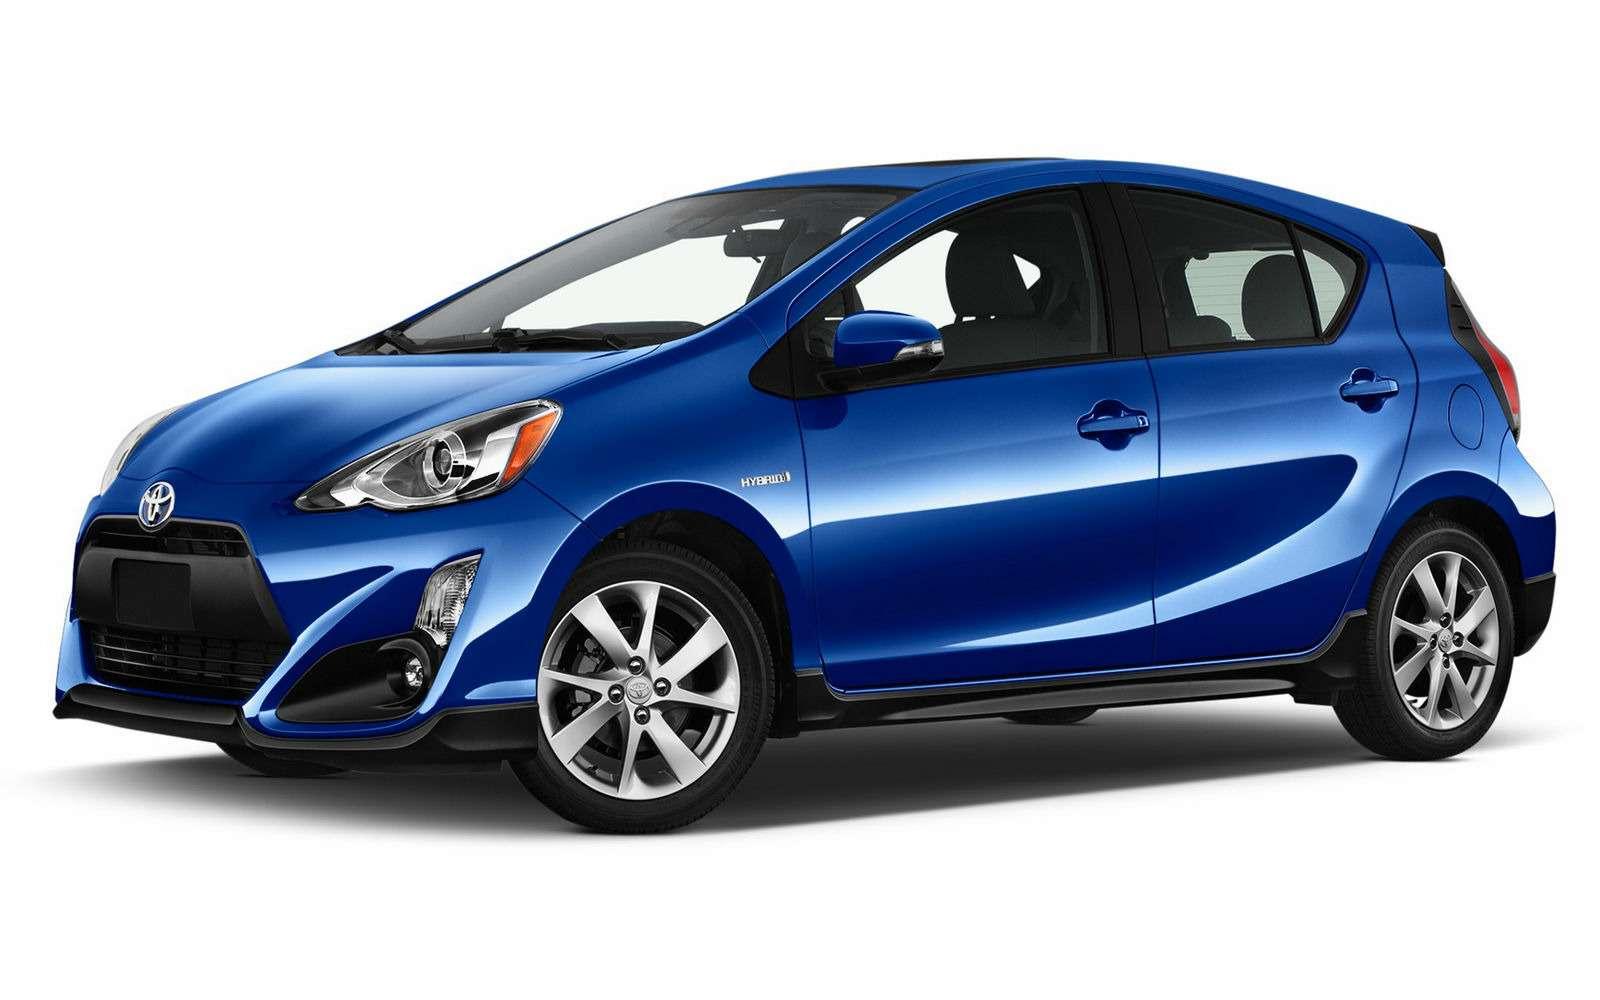 Спасти рядового Приуса: Toyota обновила младшую гибридную модель— фото 691772